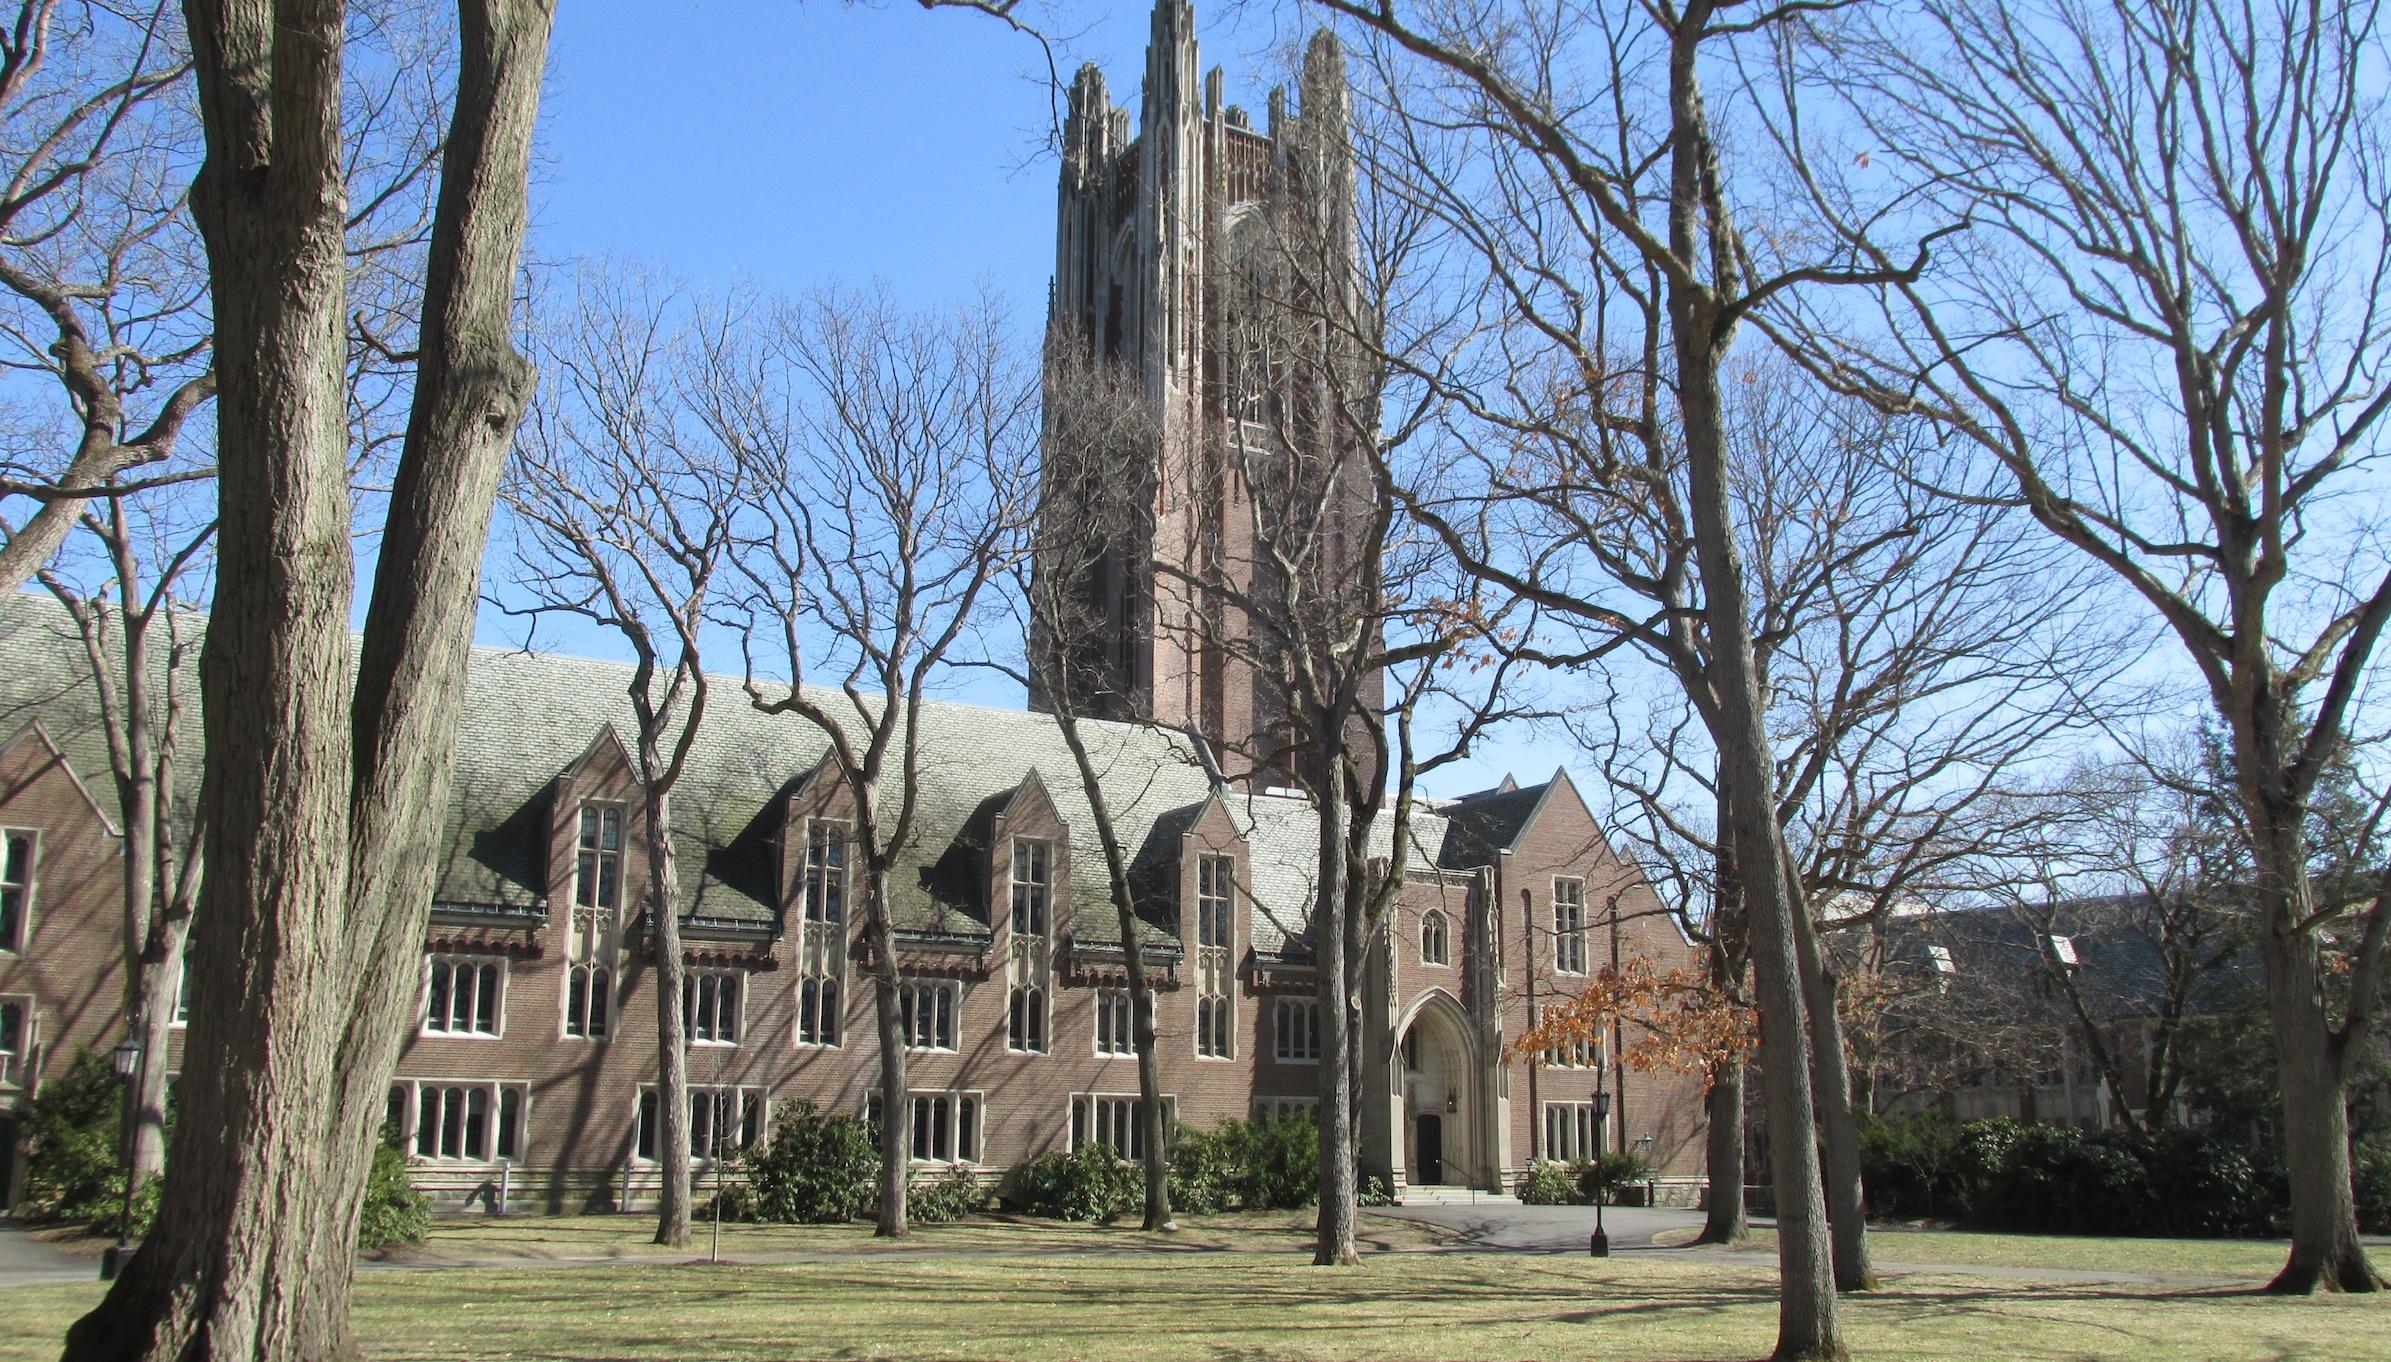 Green_Hall,_Wellesley_College,_Wellesley_MA